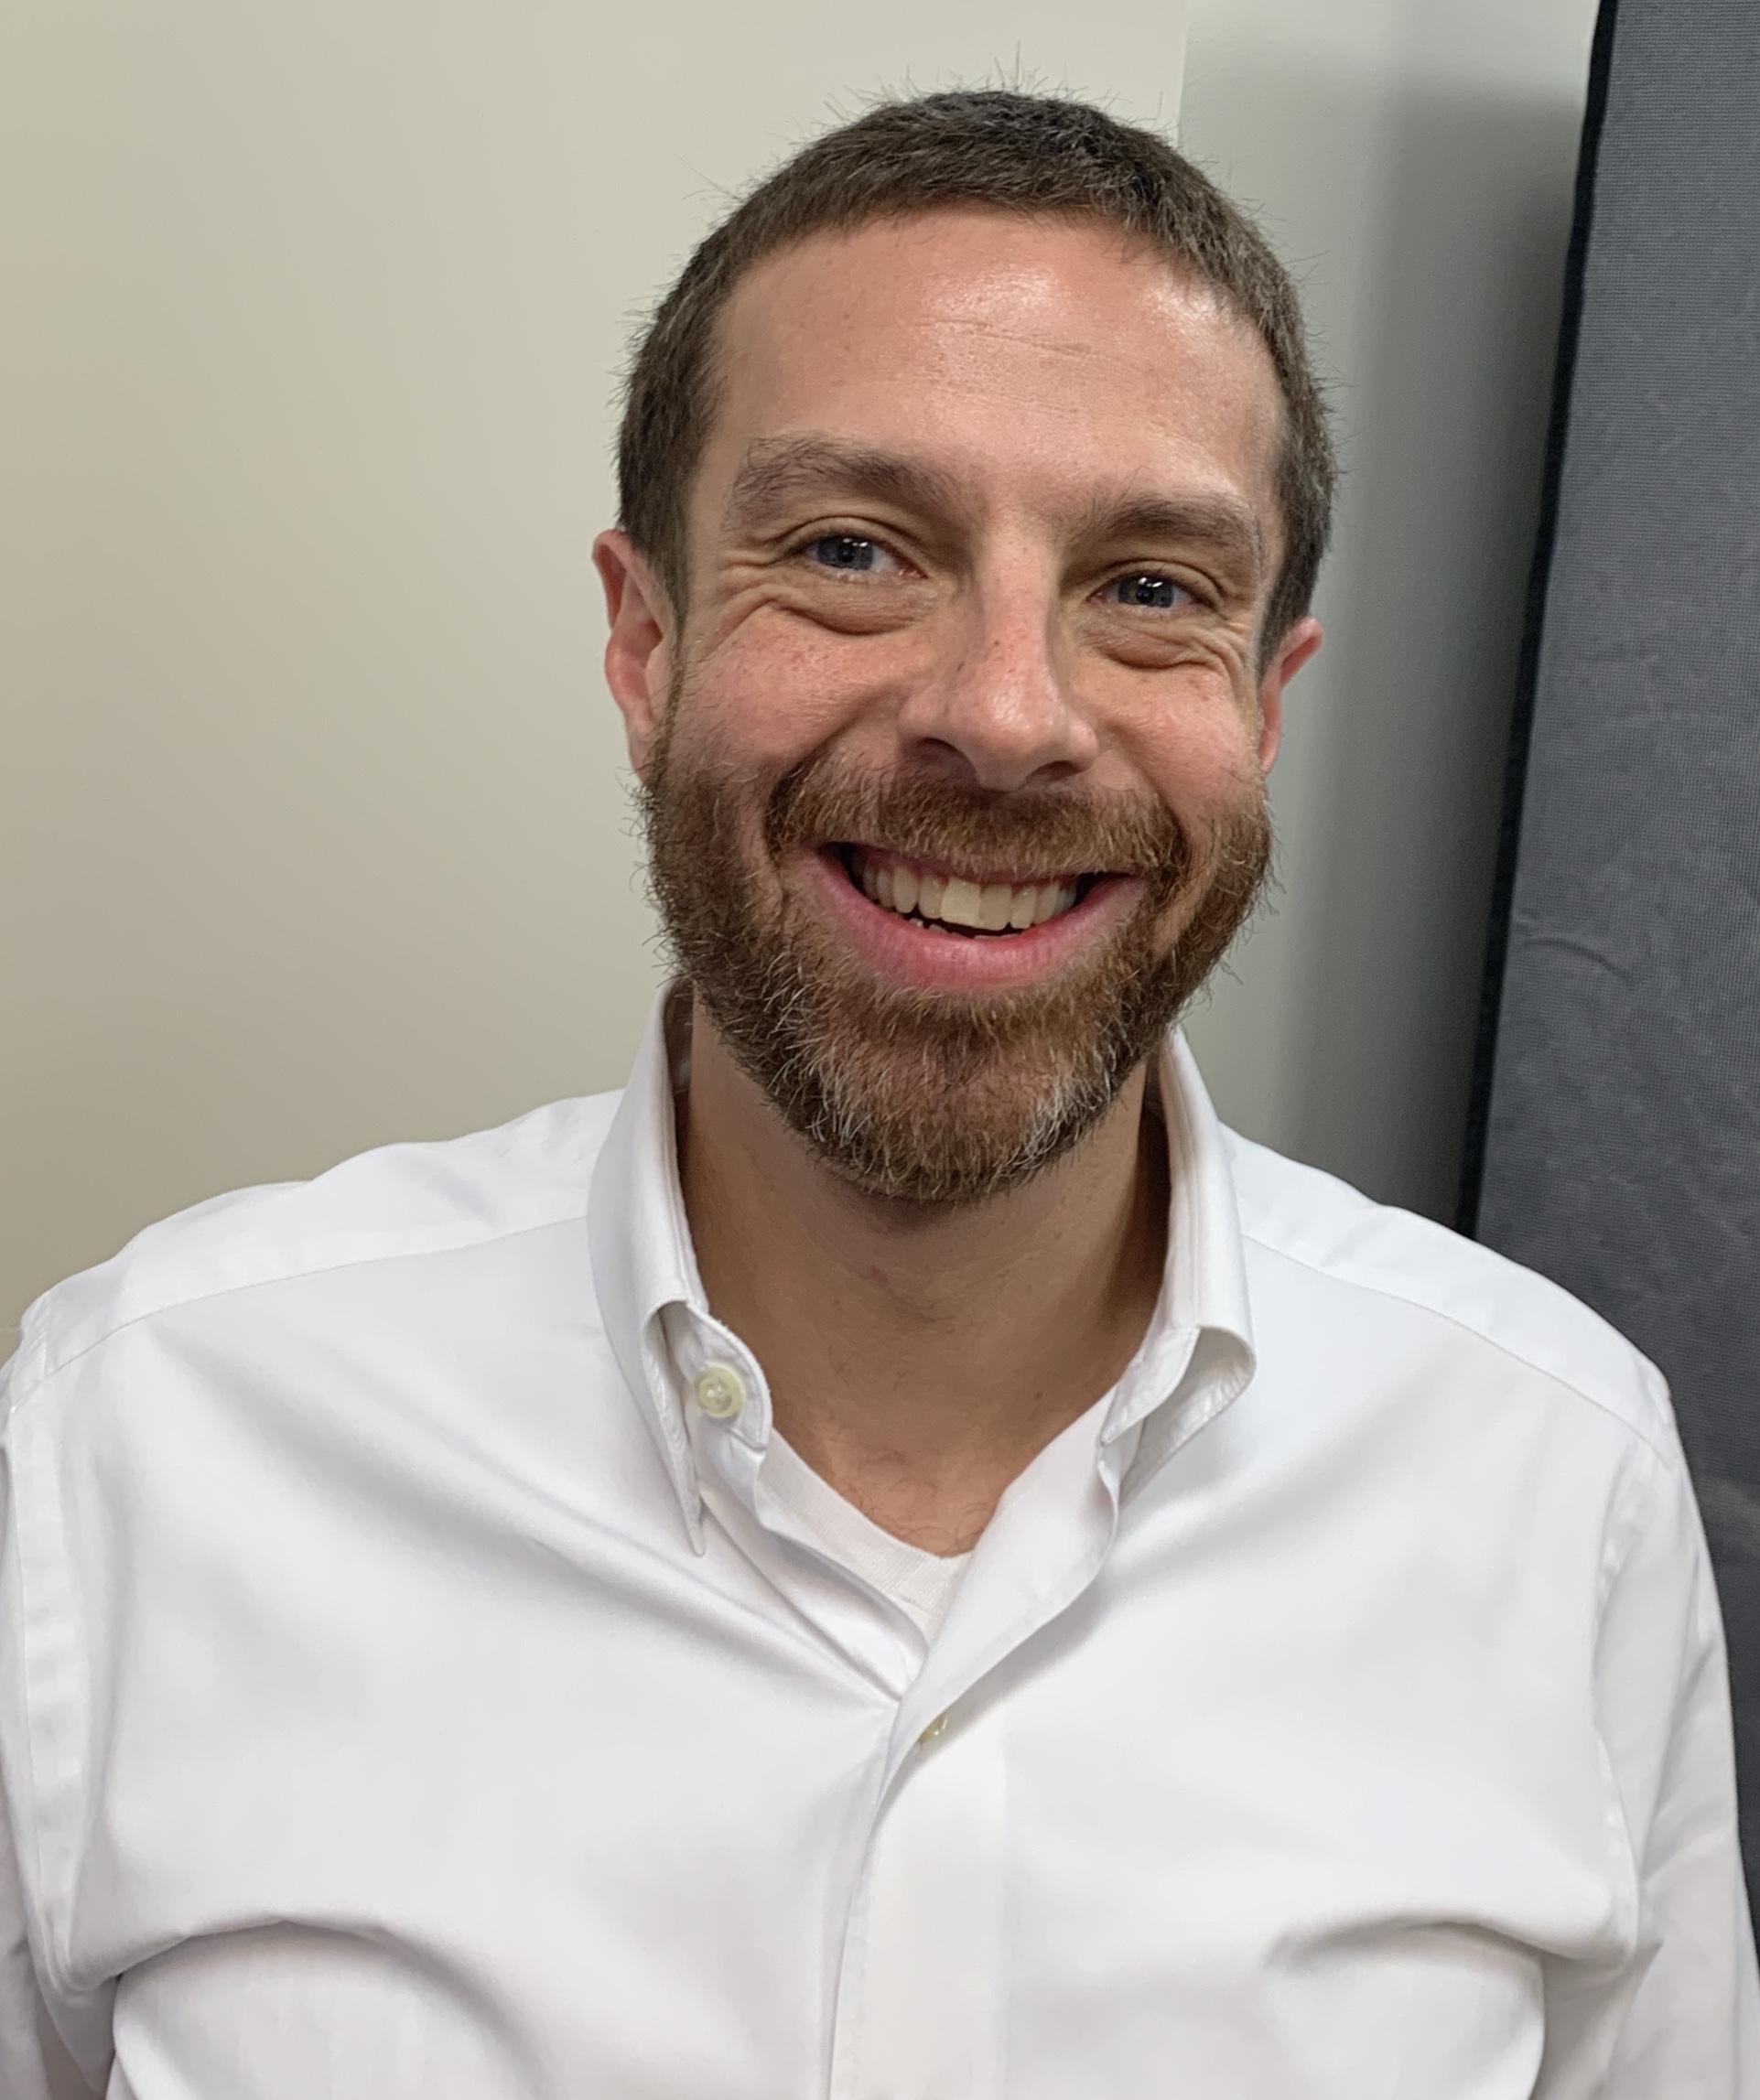 Matthew Zaft No Shave November 2019